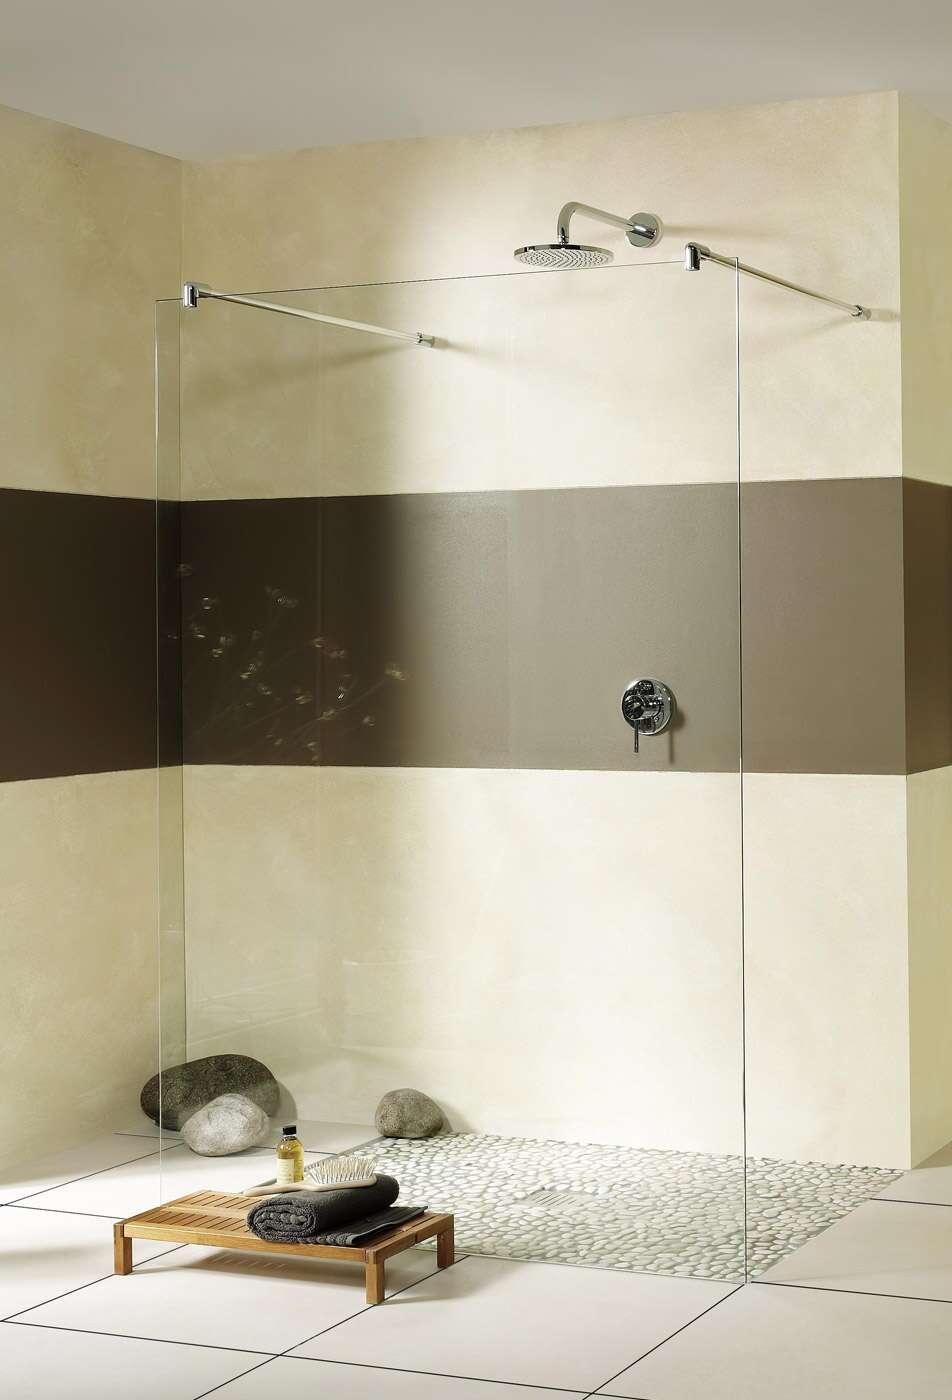 breuer duschwand entra walk in freistehend. Black Bedroom Furniture Sets. Home Design Ideas